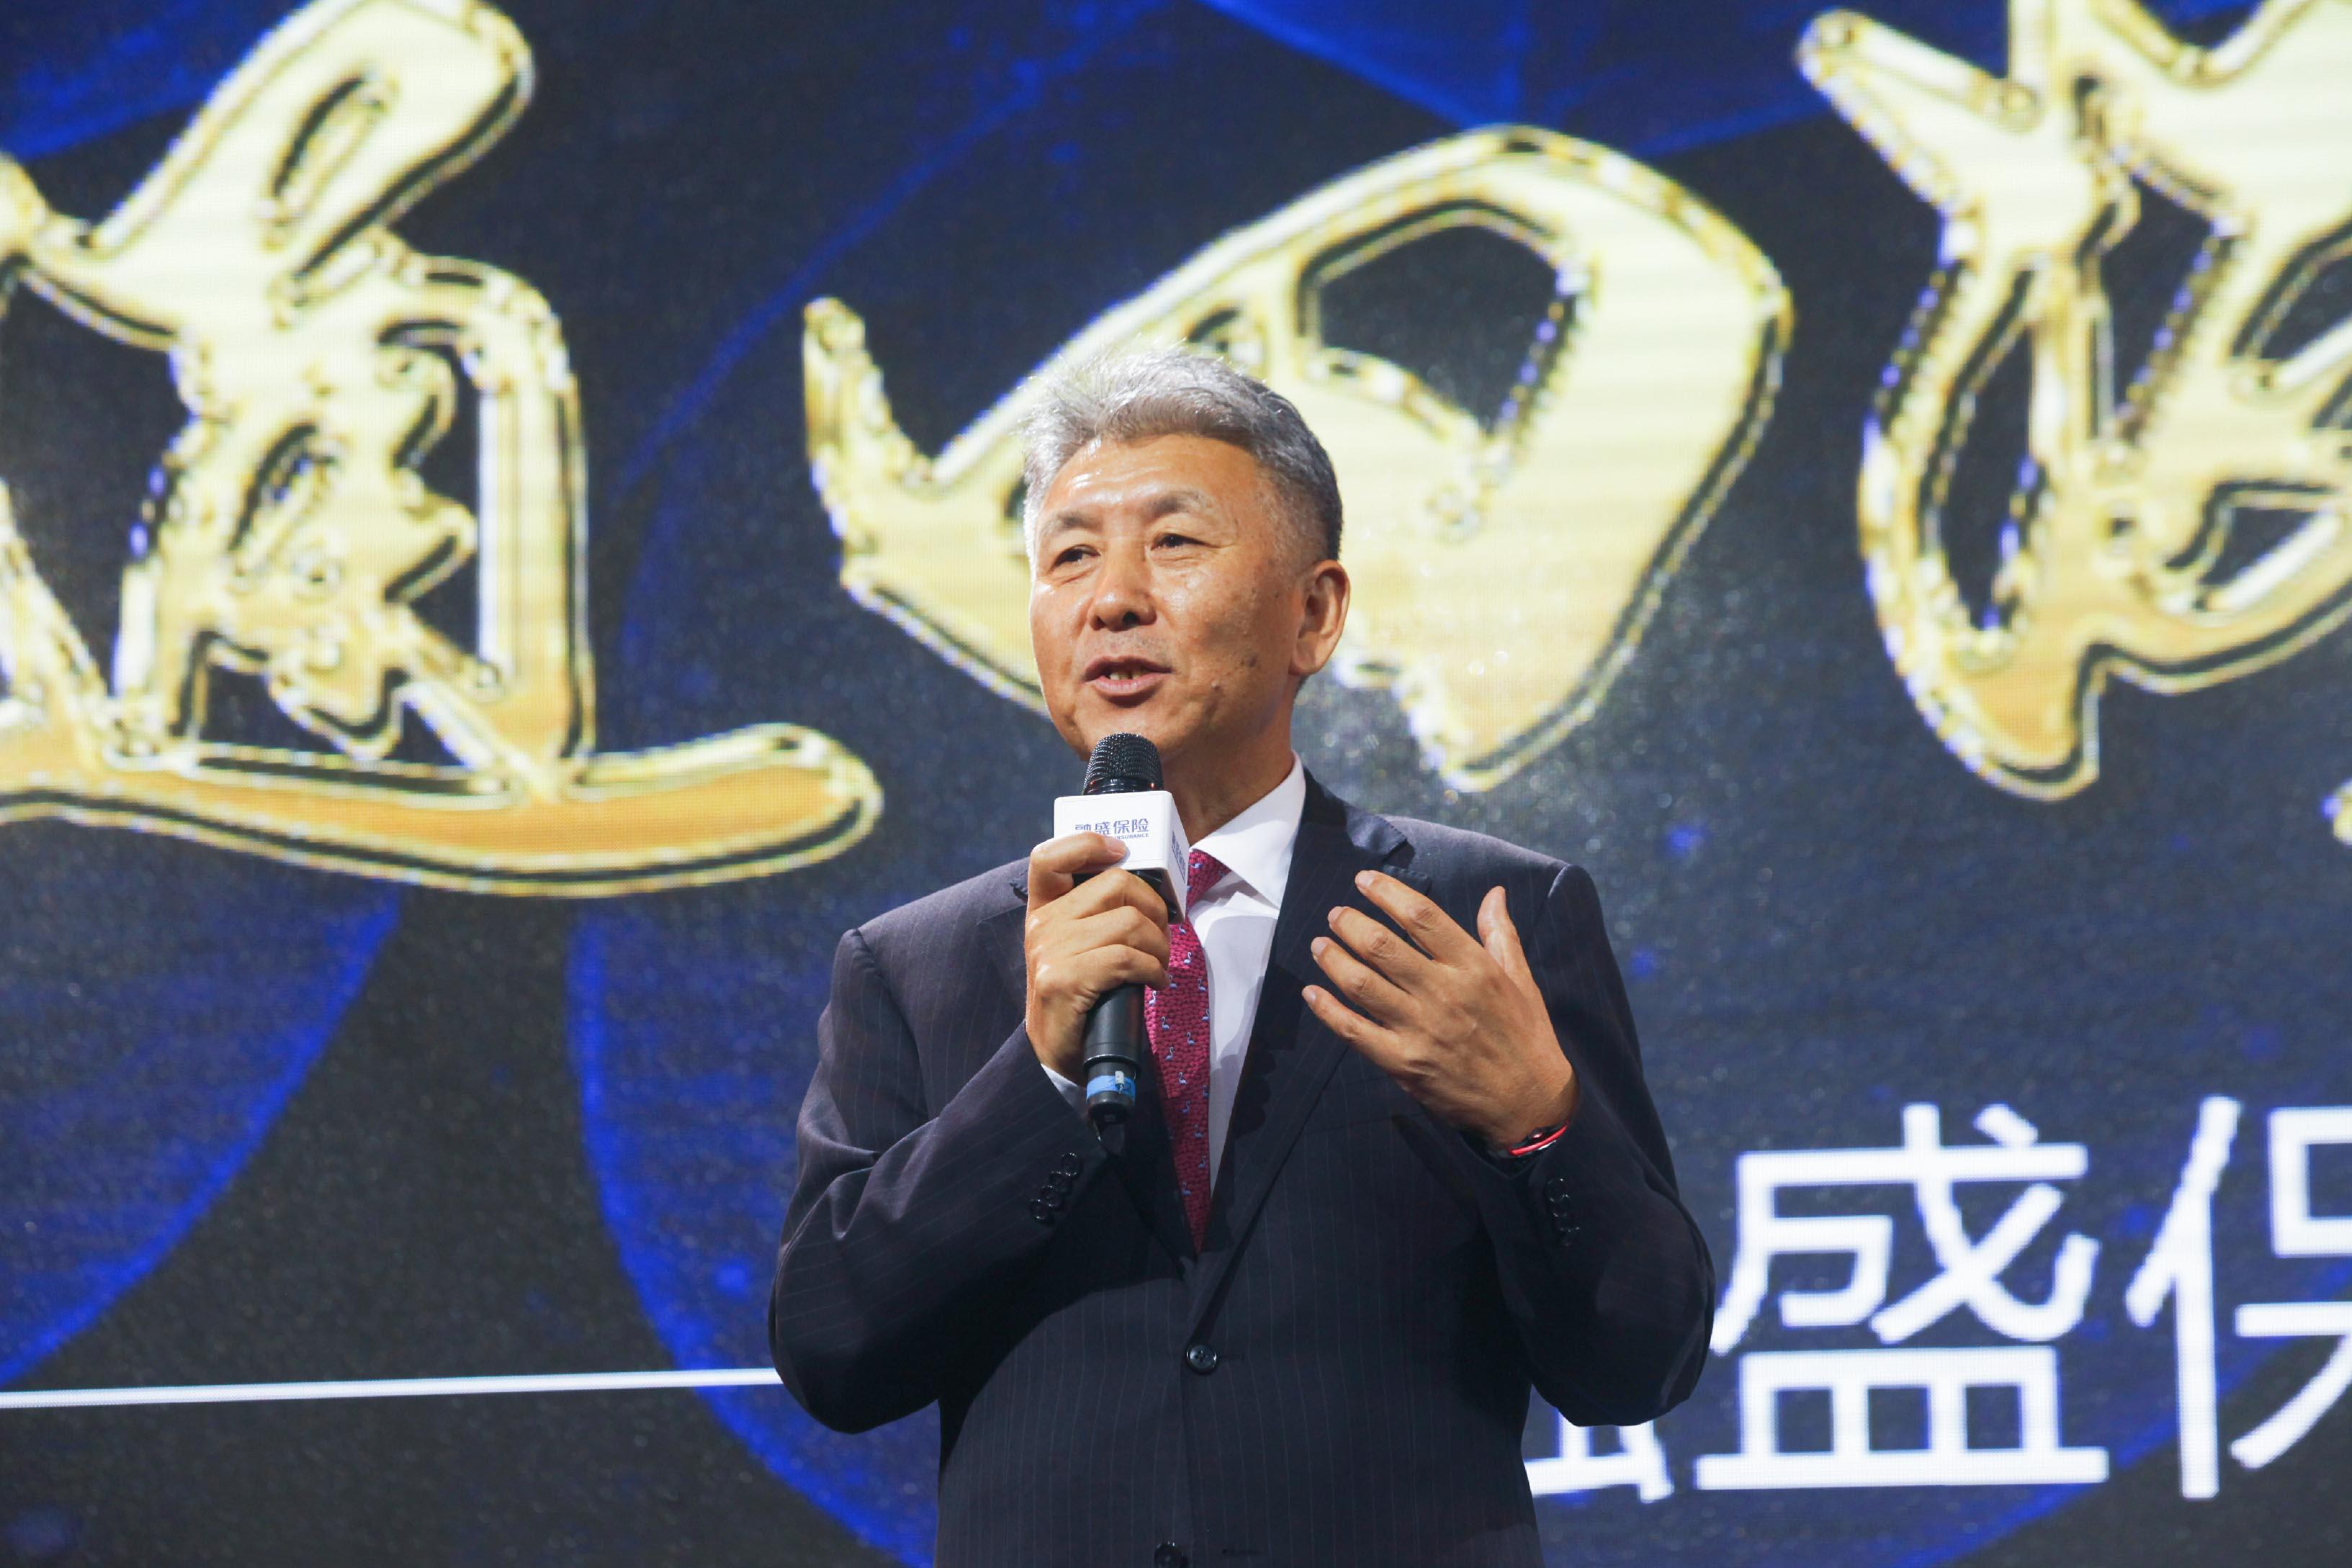 数字化技术创新保险服务模式 辽宁首家双驱创新保险公司获批开业